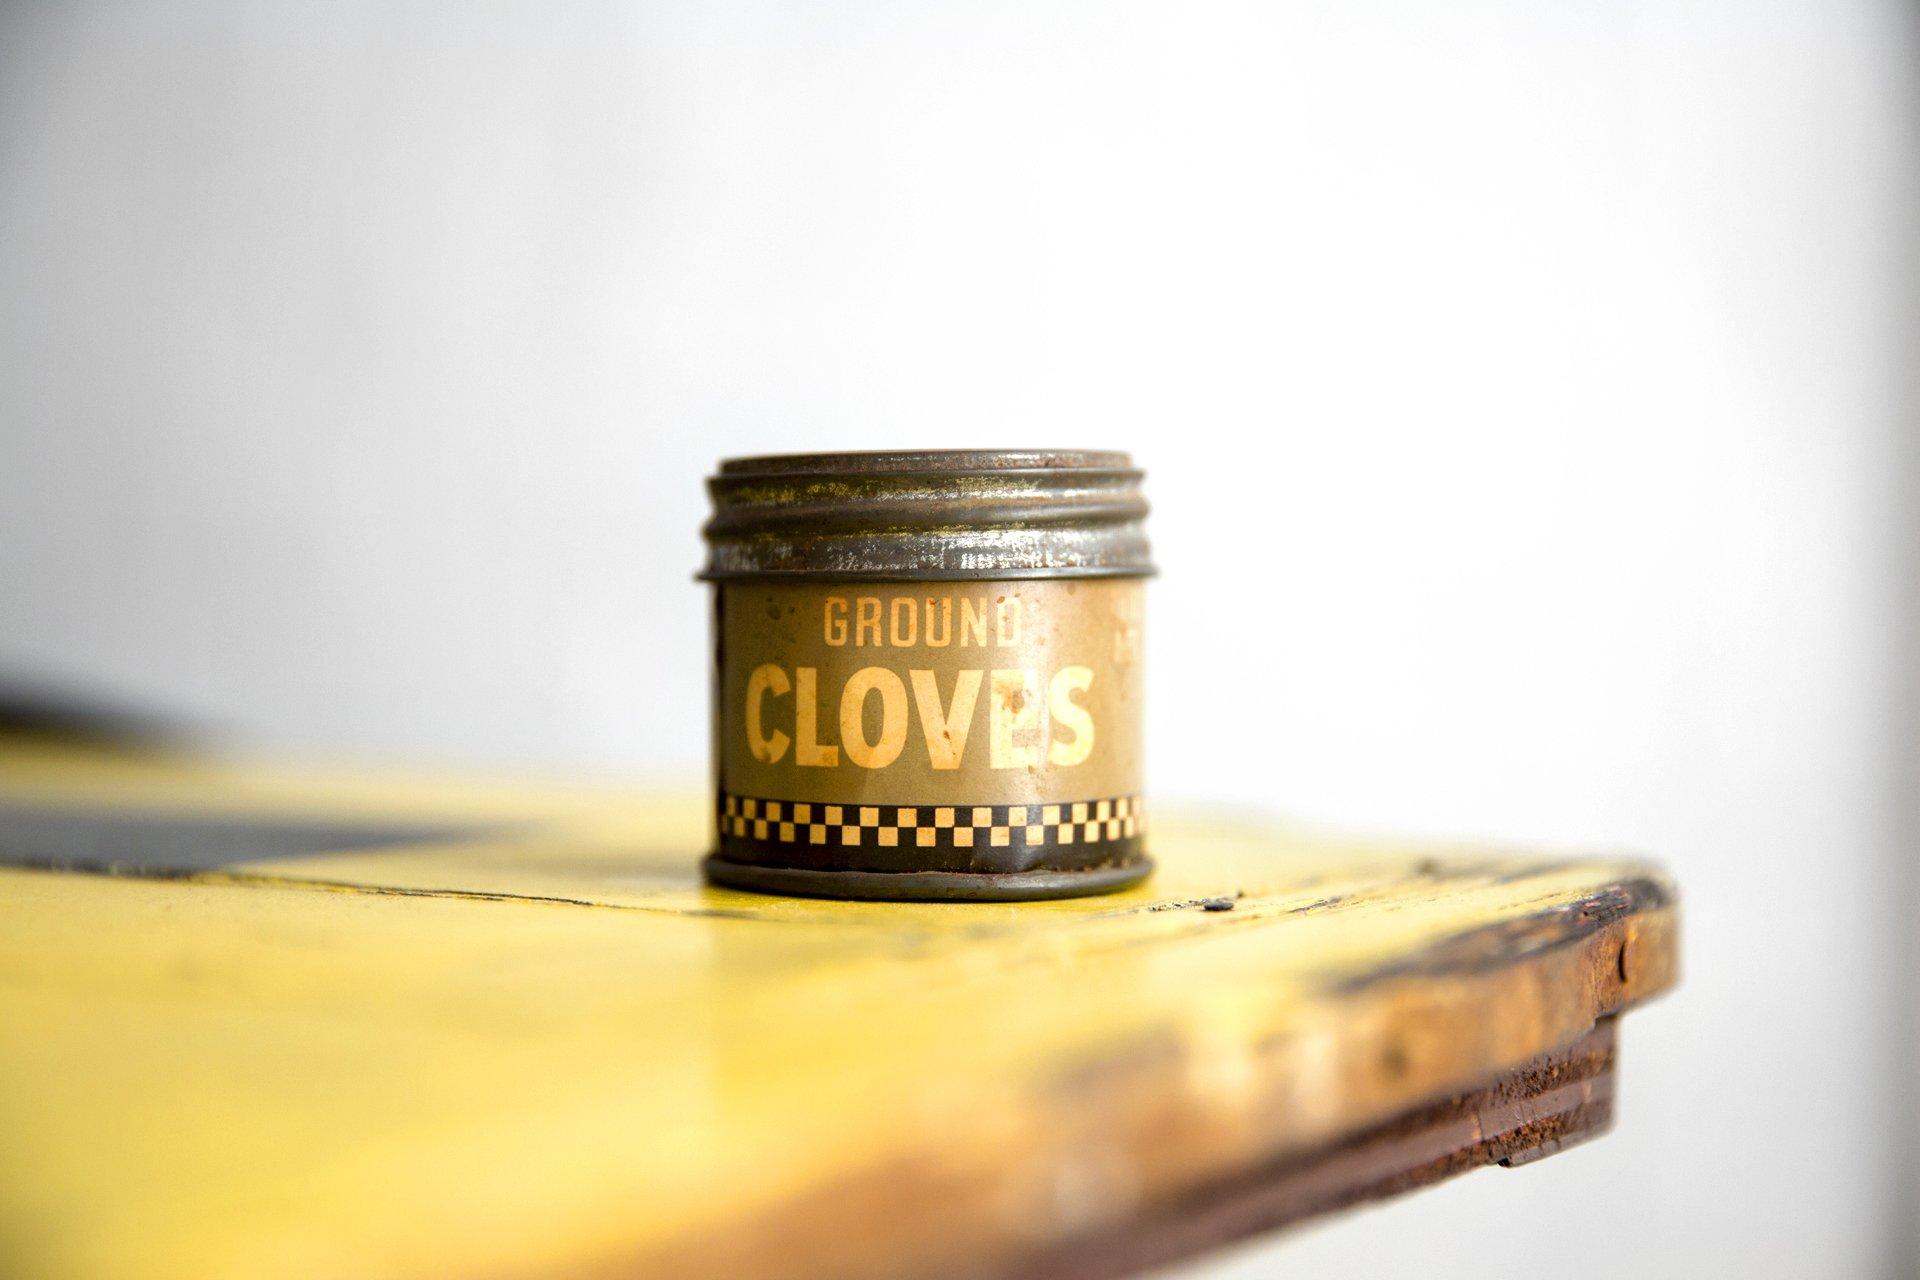 Depot About Cloves